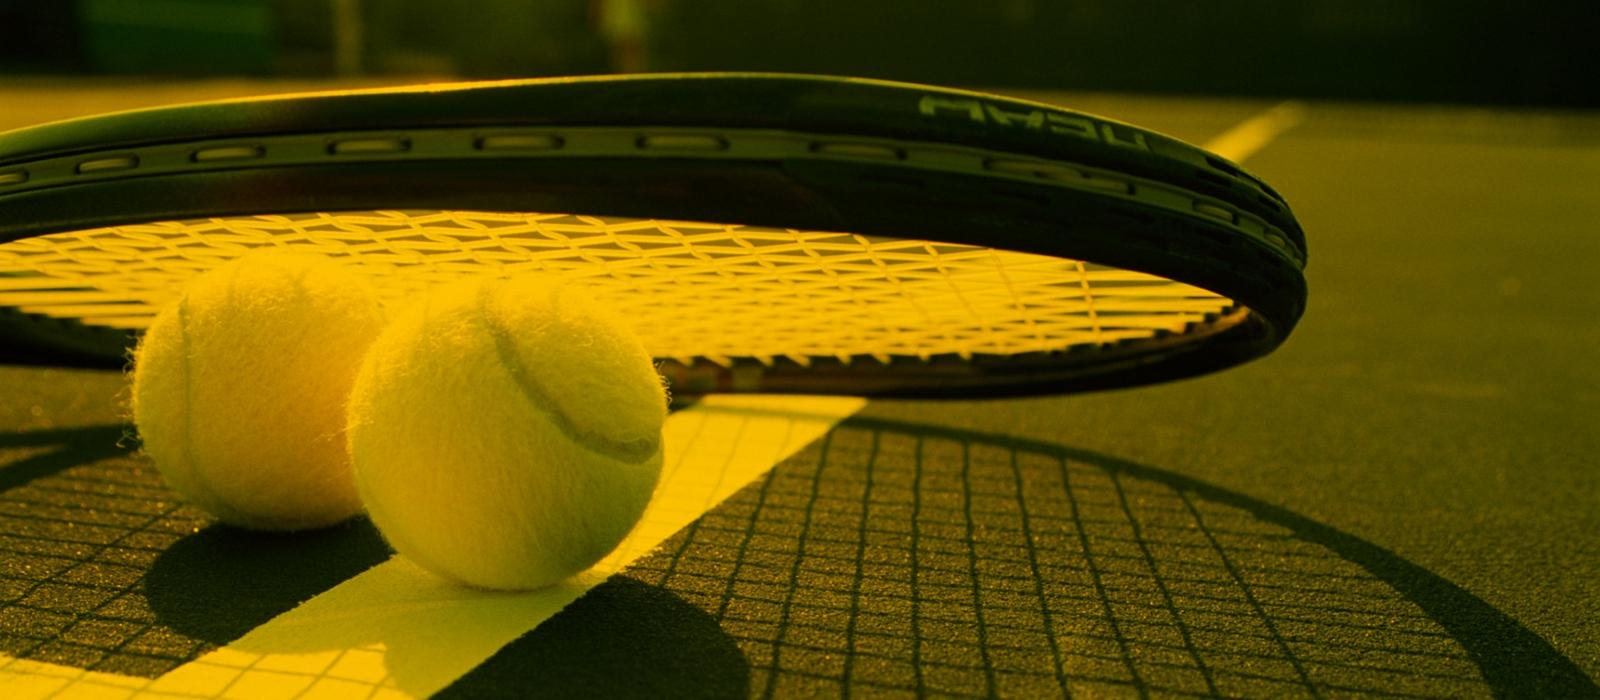 artfitacademia-aula-de-tenis